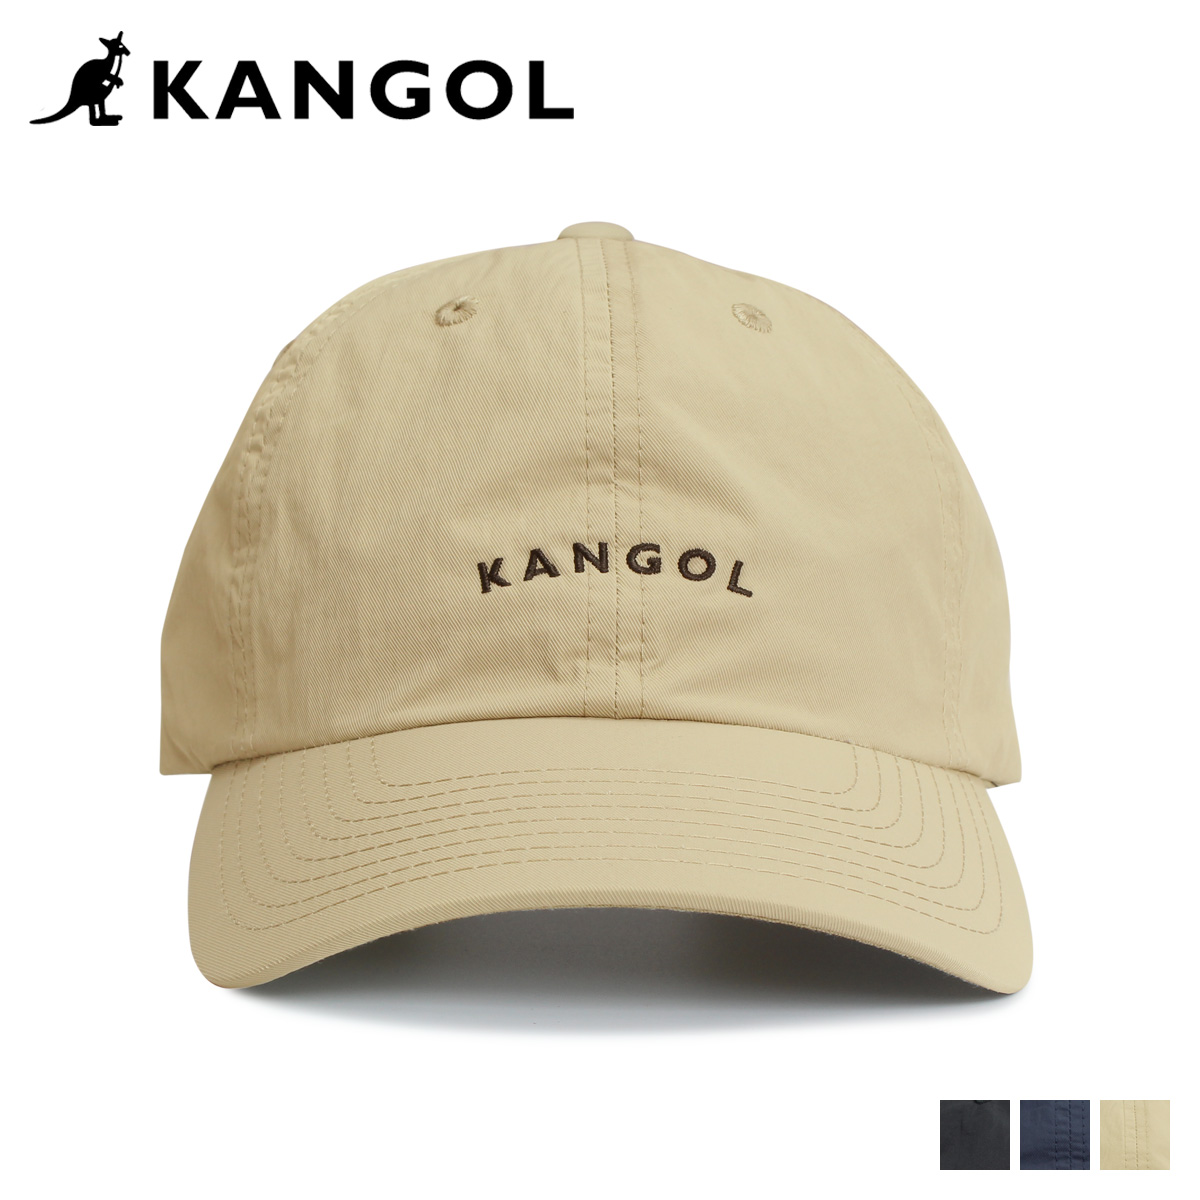 カンゴール KANGOL キャップ 帽子 メンズ レディース VINTAGE BASEBALL ブラック ネイビー ベージュ 黒 195169025